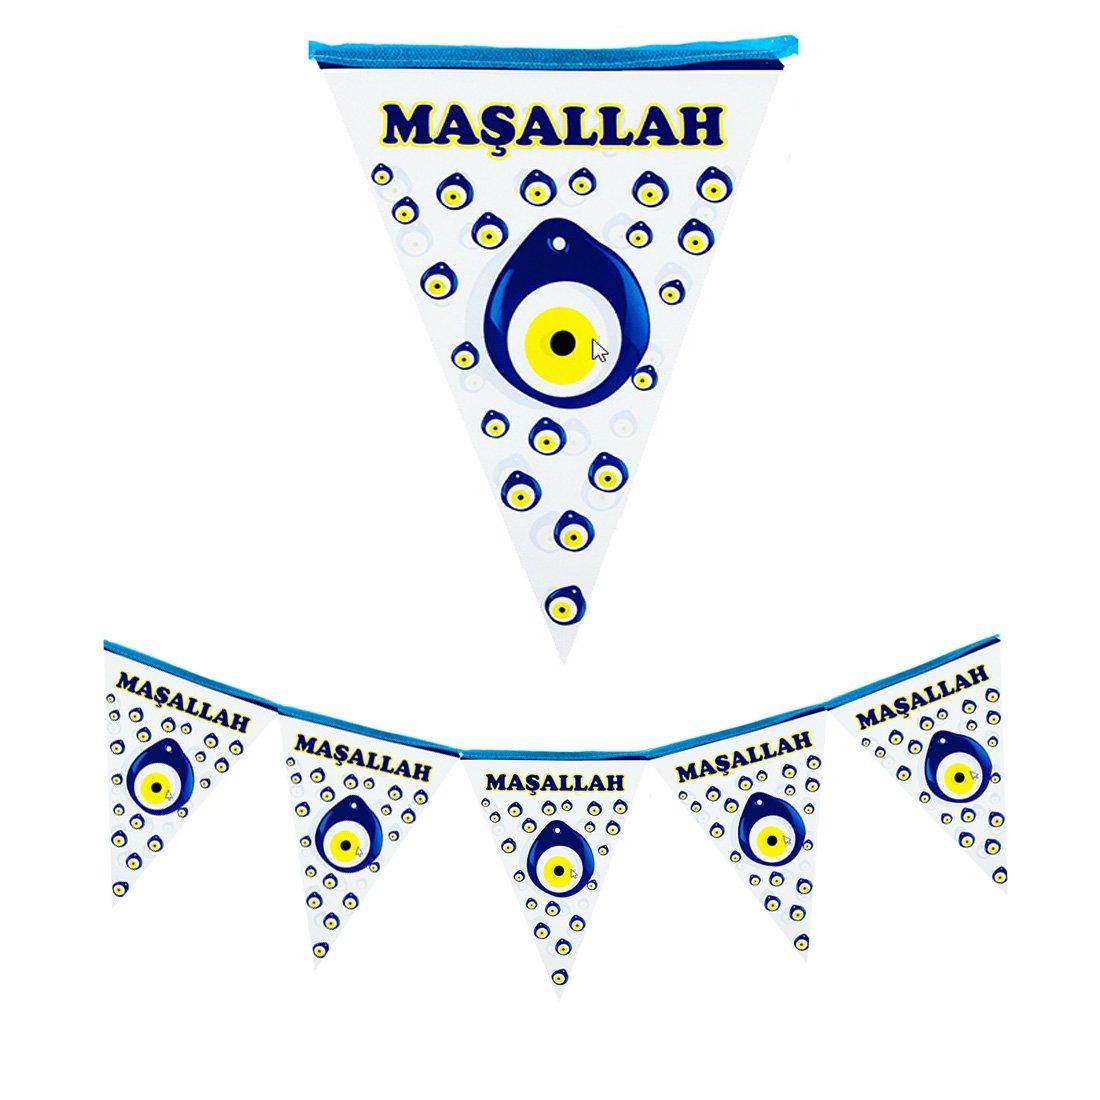 Beschneidung S/ünnet Deko Kapi S/üs/ü Bayrak Masallah Bayrak Flama Fahnenkette Wimpelkette S/ünnet Dekorasyon